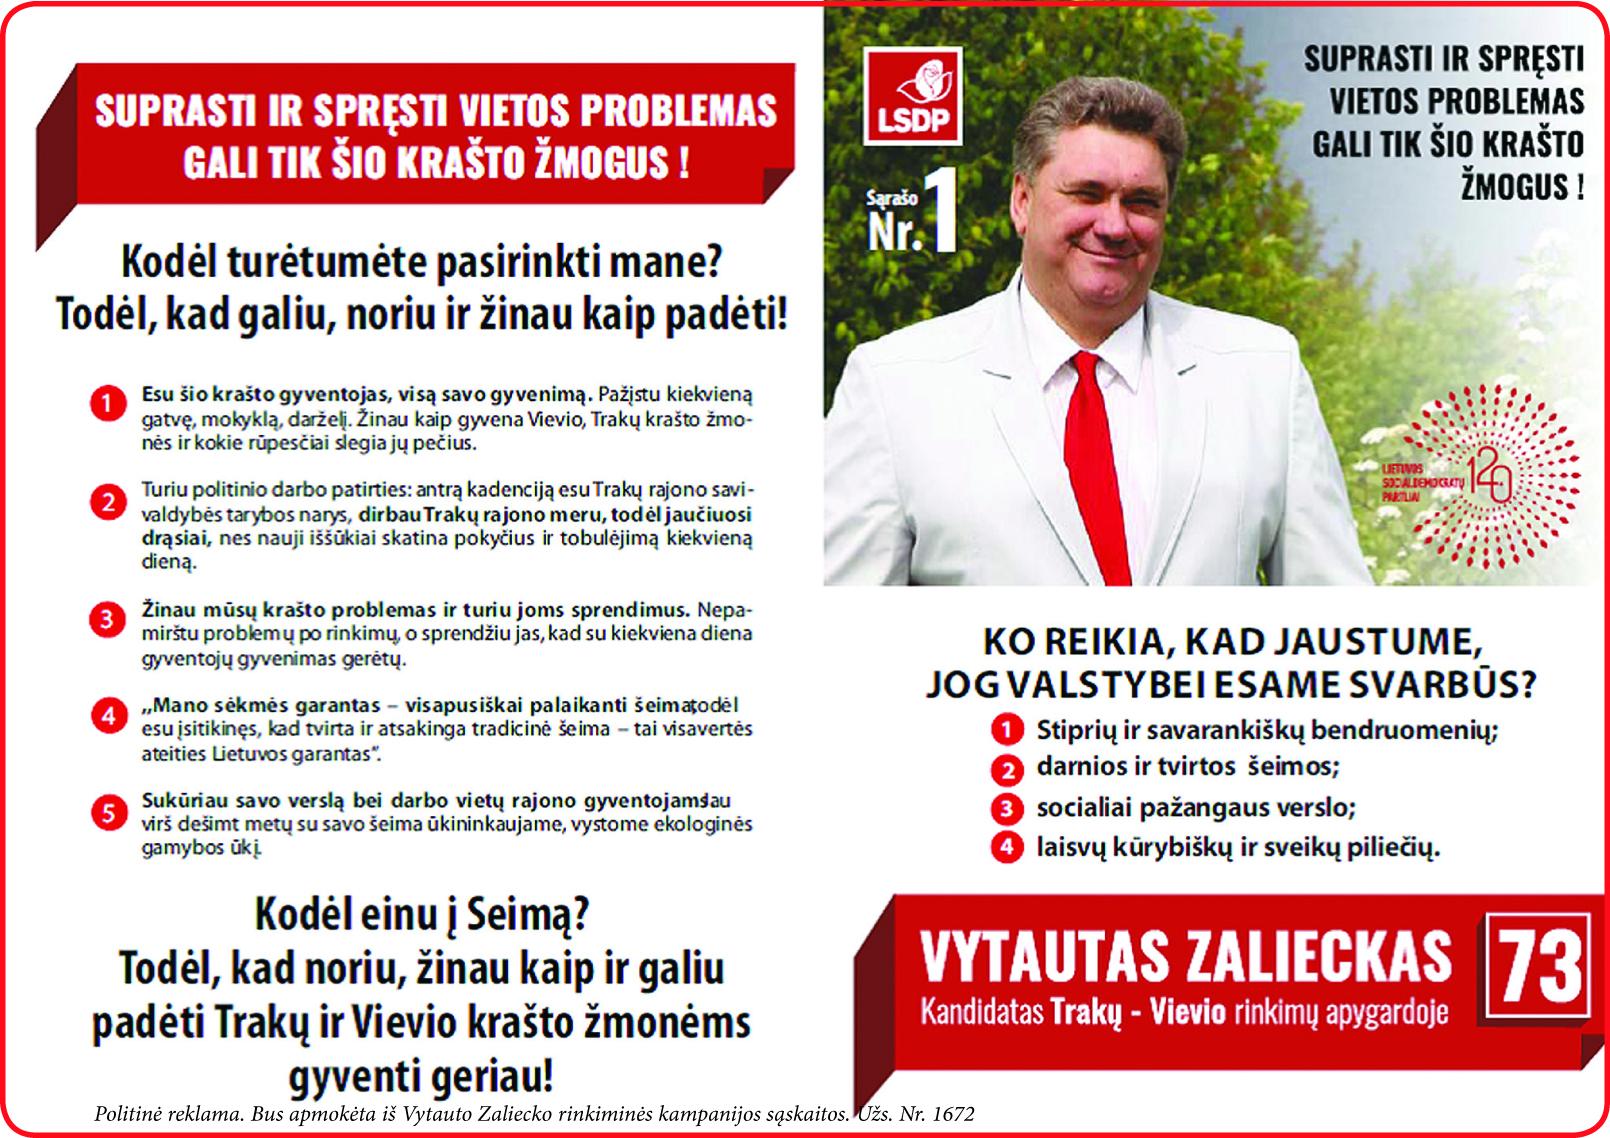 Vytautas Zalieckas